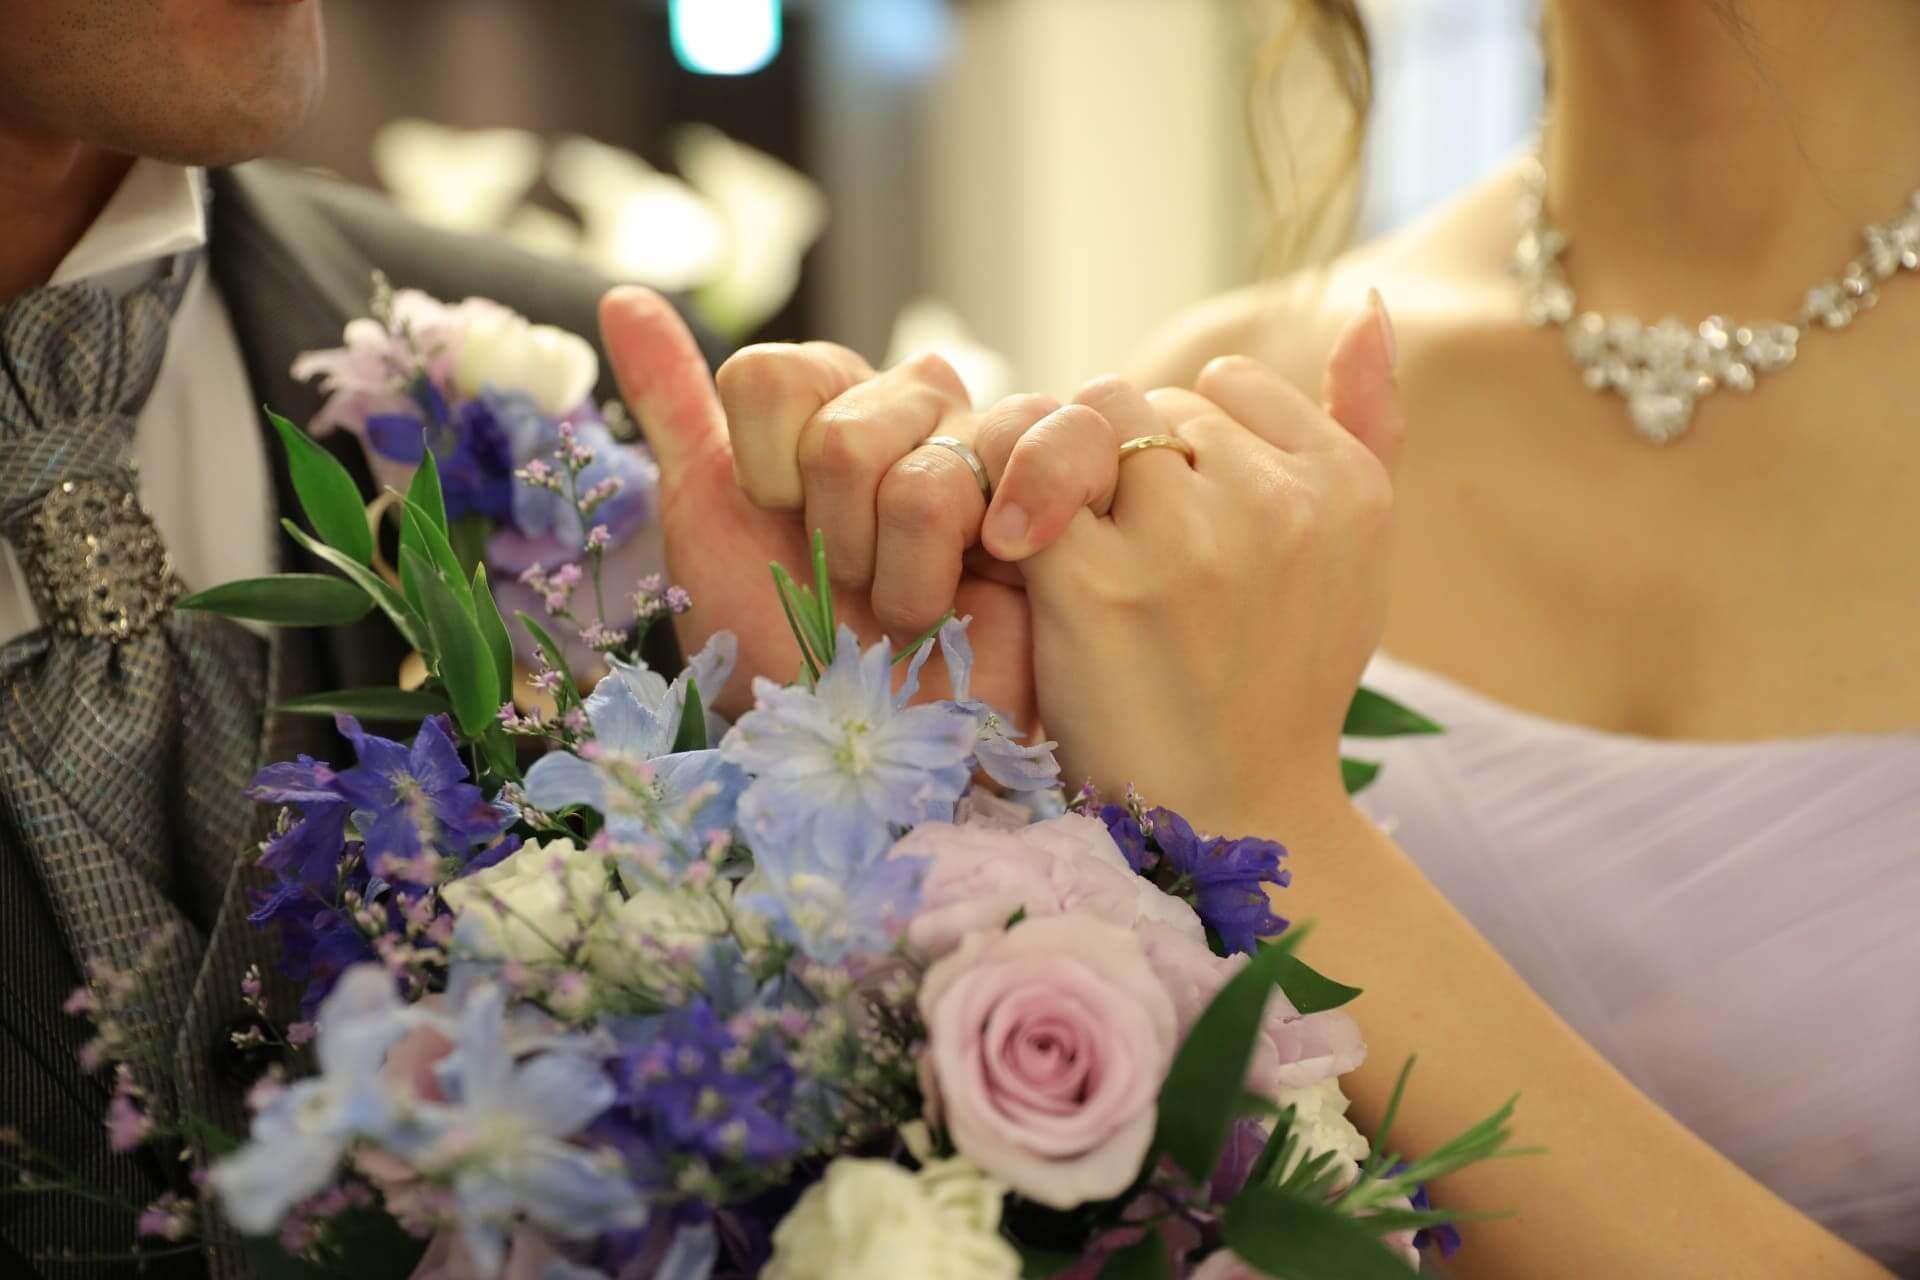 結婚占い|このまま待っていれば運命の人と出会う?結婚できる?